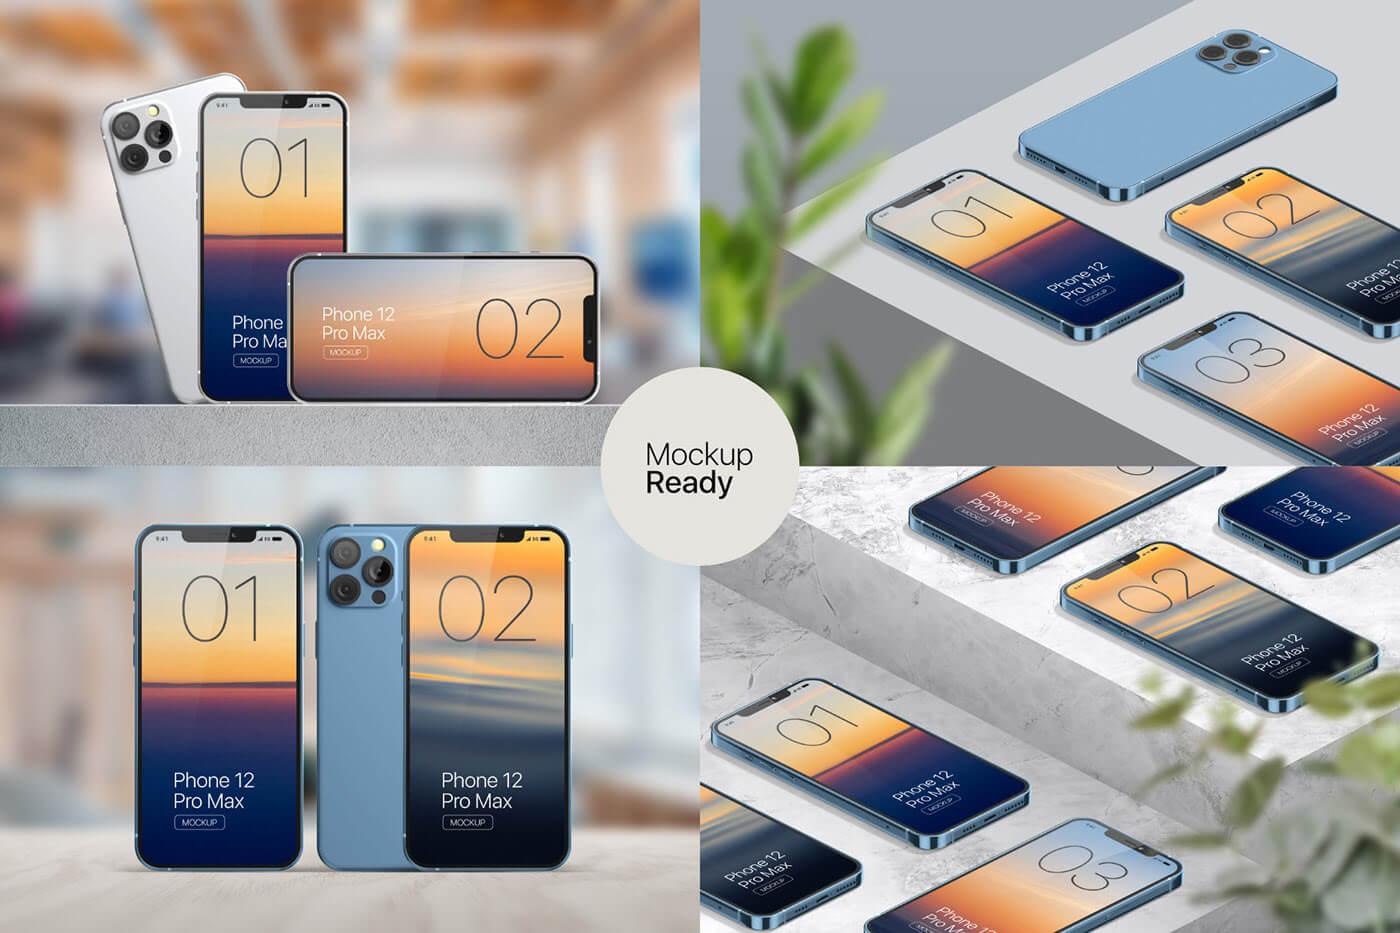 苹果手机12样机精致模版手机多角度展示模版素材iPhone 12 Pro Max Mockup V.01插图(7)